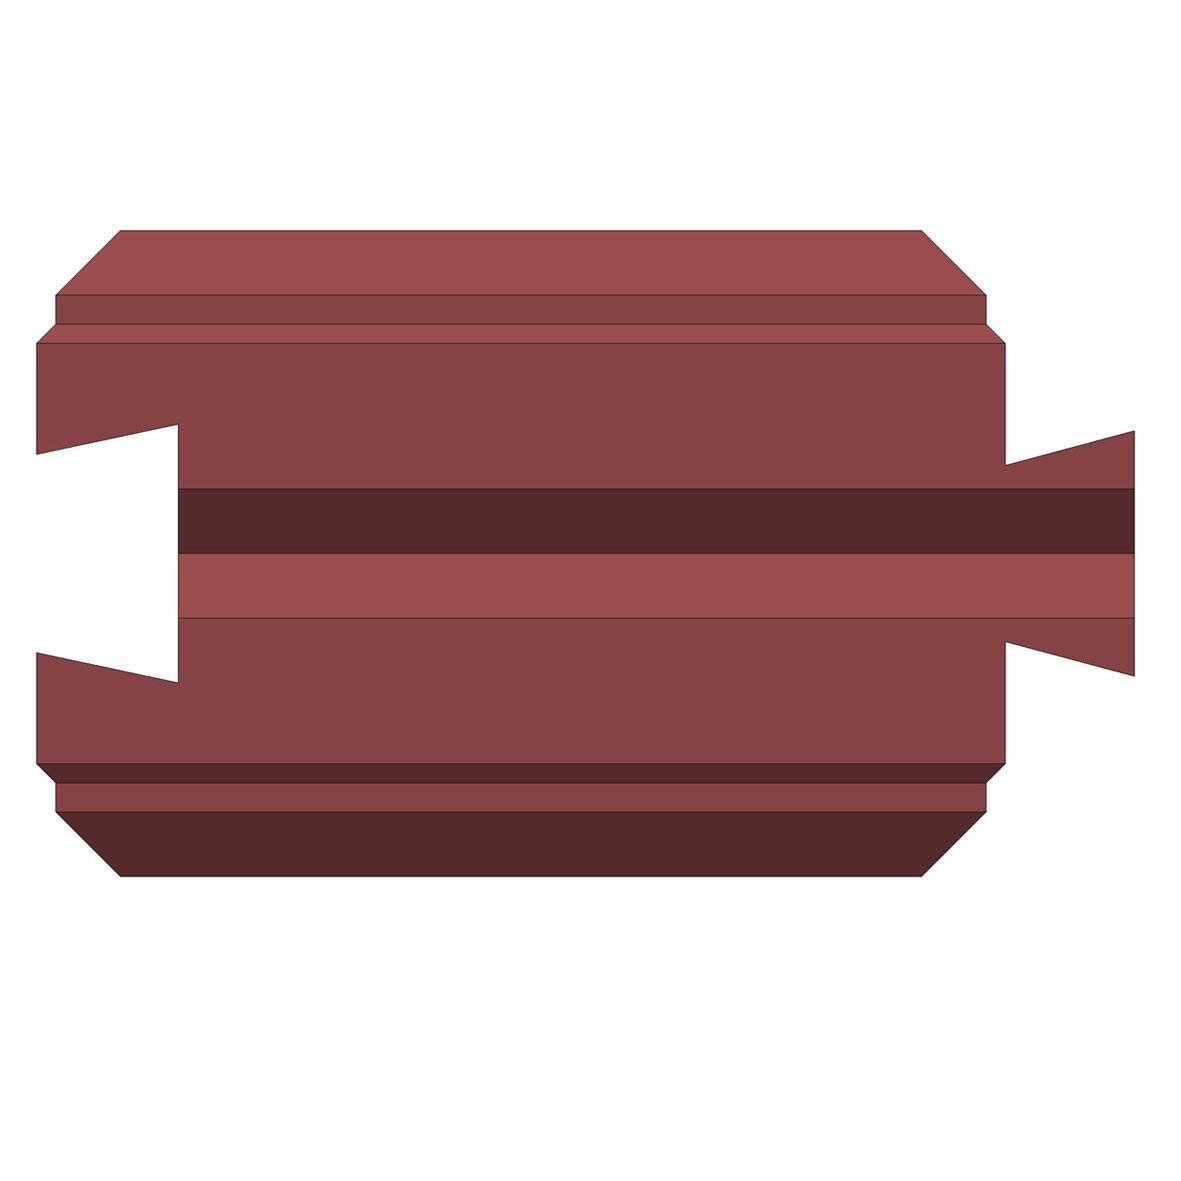 Бетонный блок Brick для забора рядовой доборный вид с верху (папа/мама)